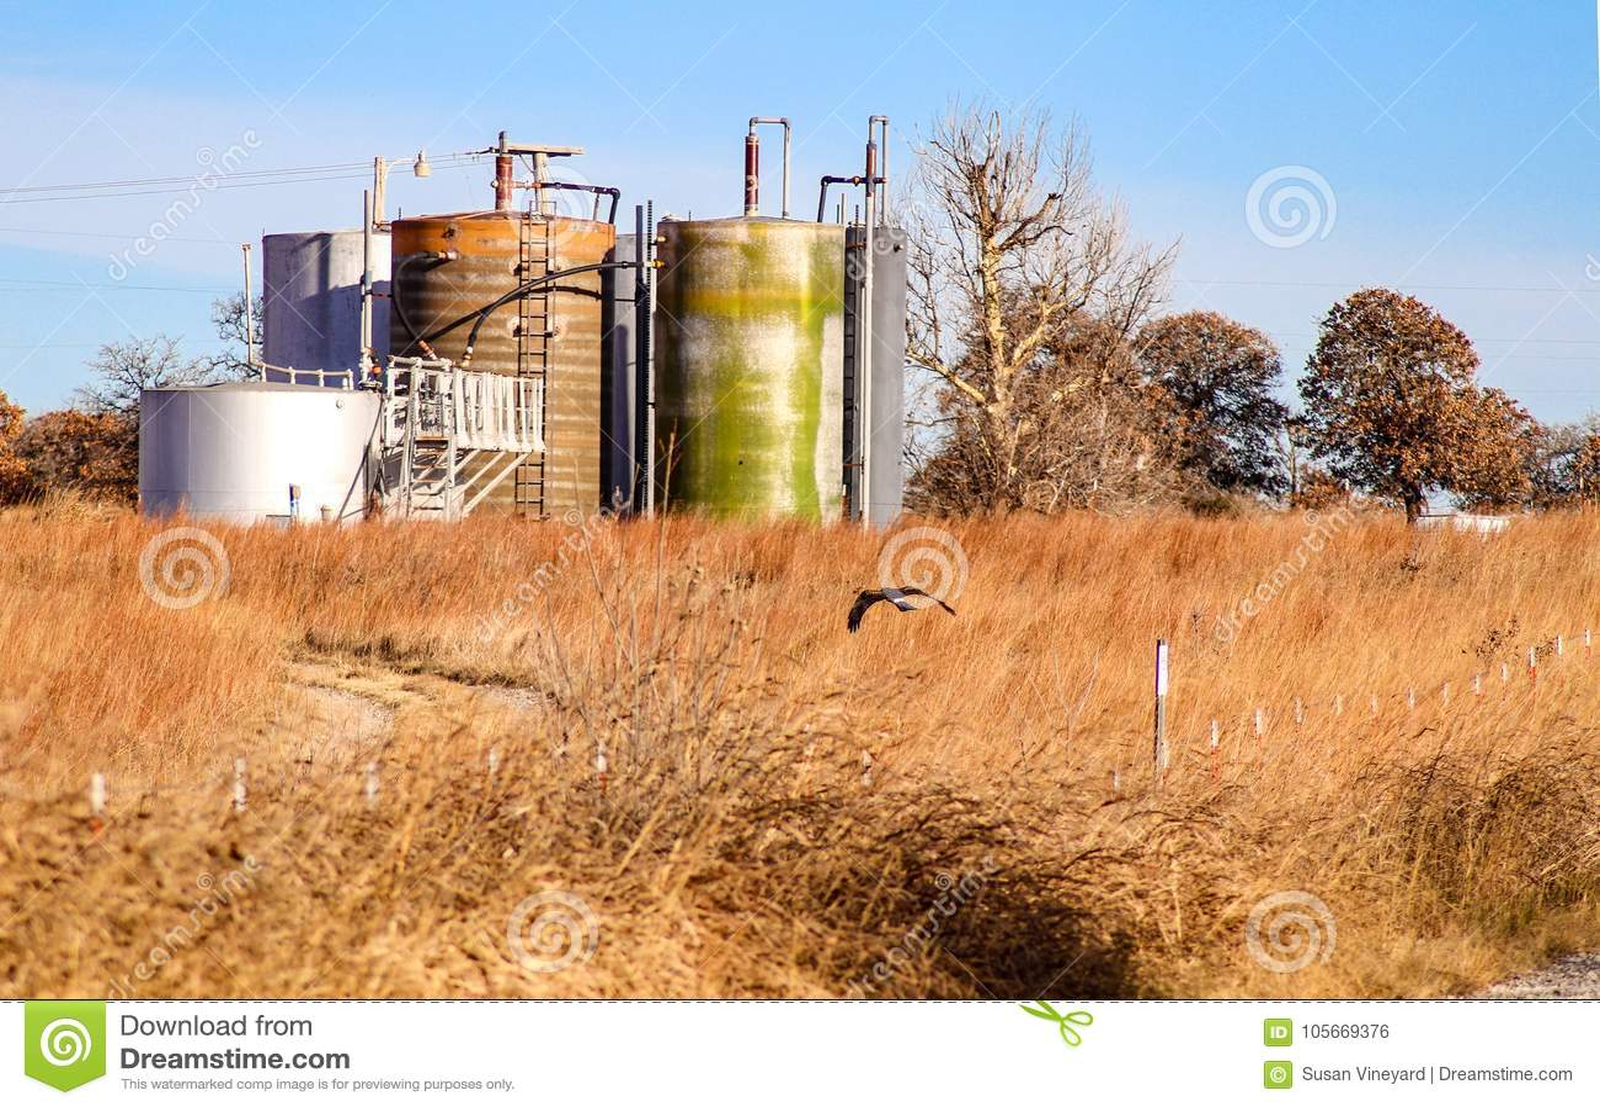 Hawk los ratones de la caza en campo marrón delante del agua-aceite knockout del agua libre que separa los tanques contra árboles